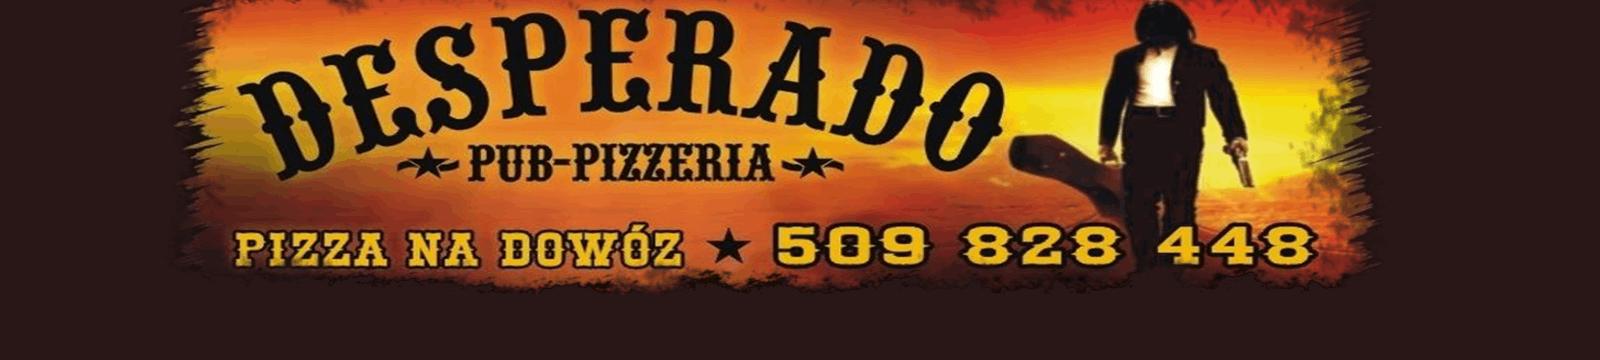 Najlepsza pizza w okolicy!